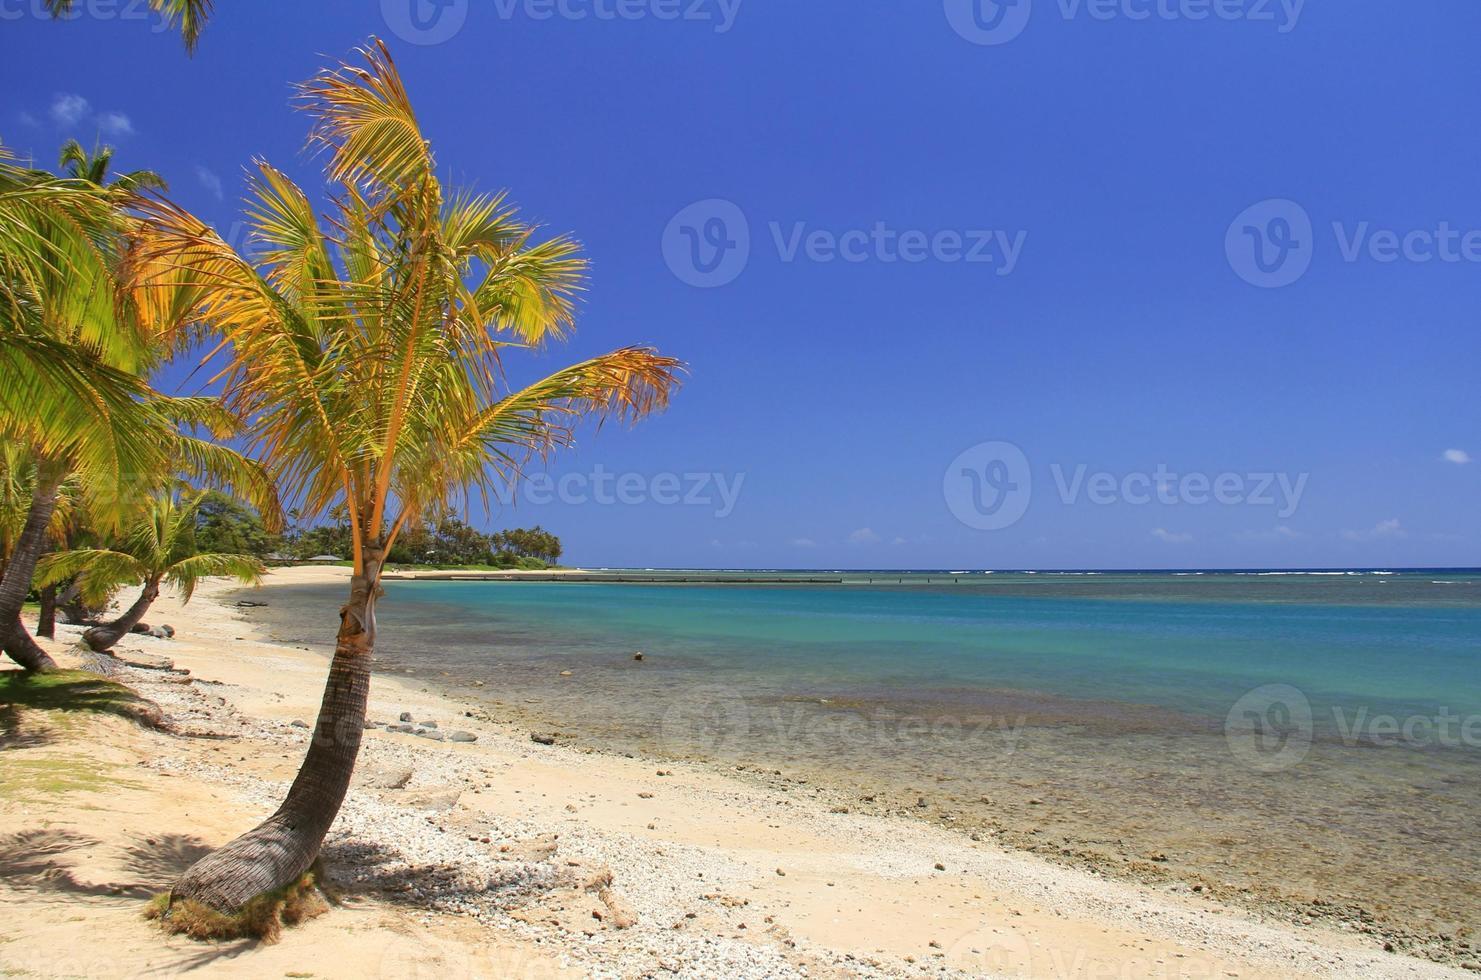 afgelegen oahu hawaii Stille Oceaan palmboom strand schilderachtig foto